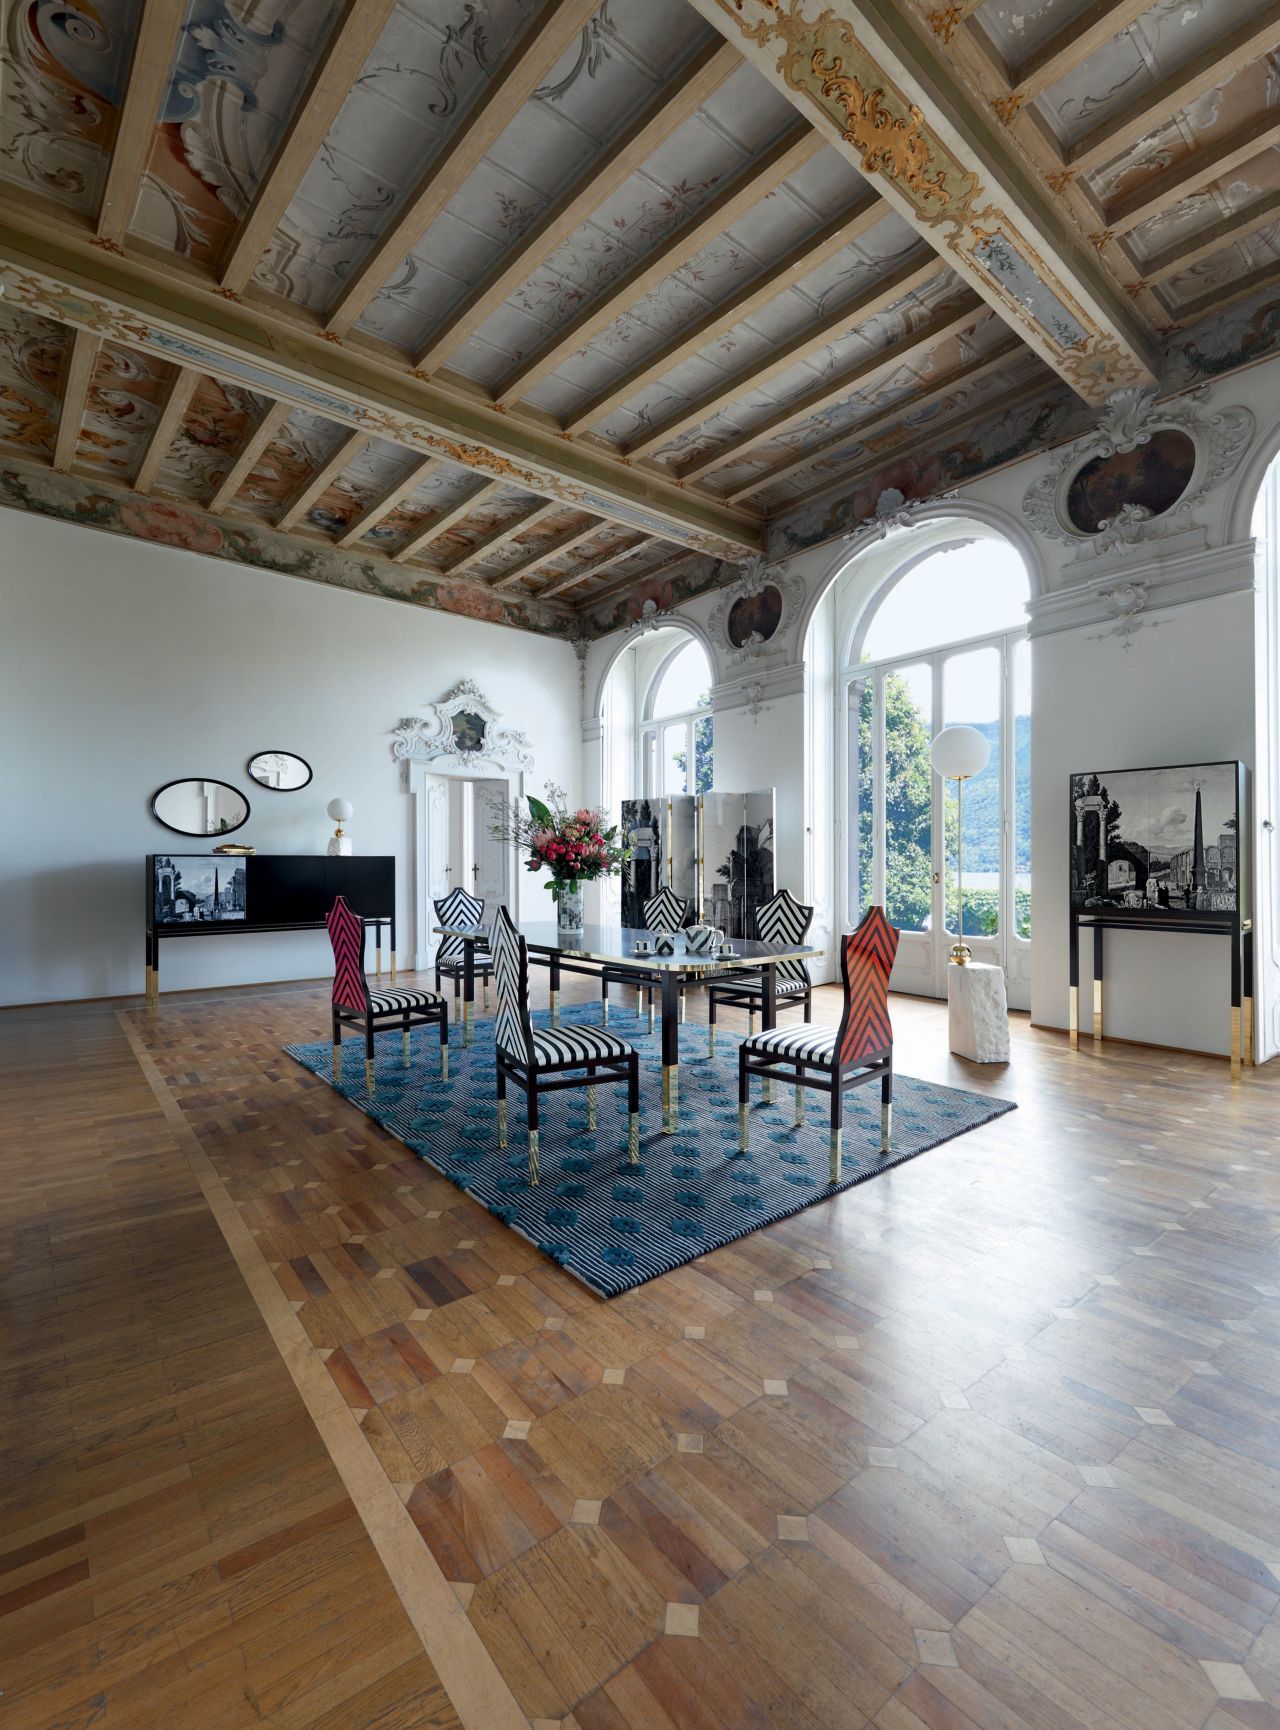 Maison lacroix rectangular dining table nouveaux - Table salle a manger roche bobois ...